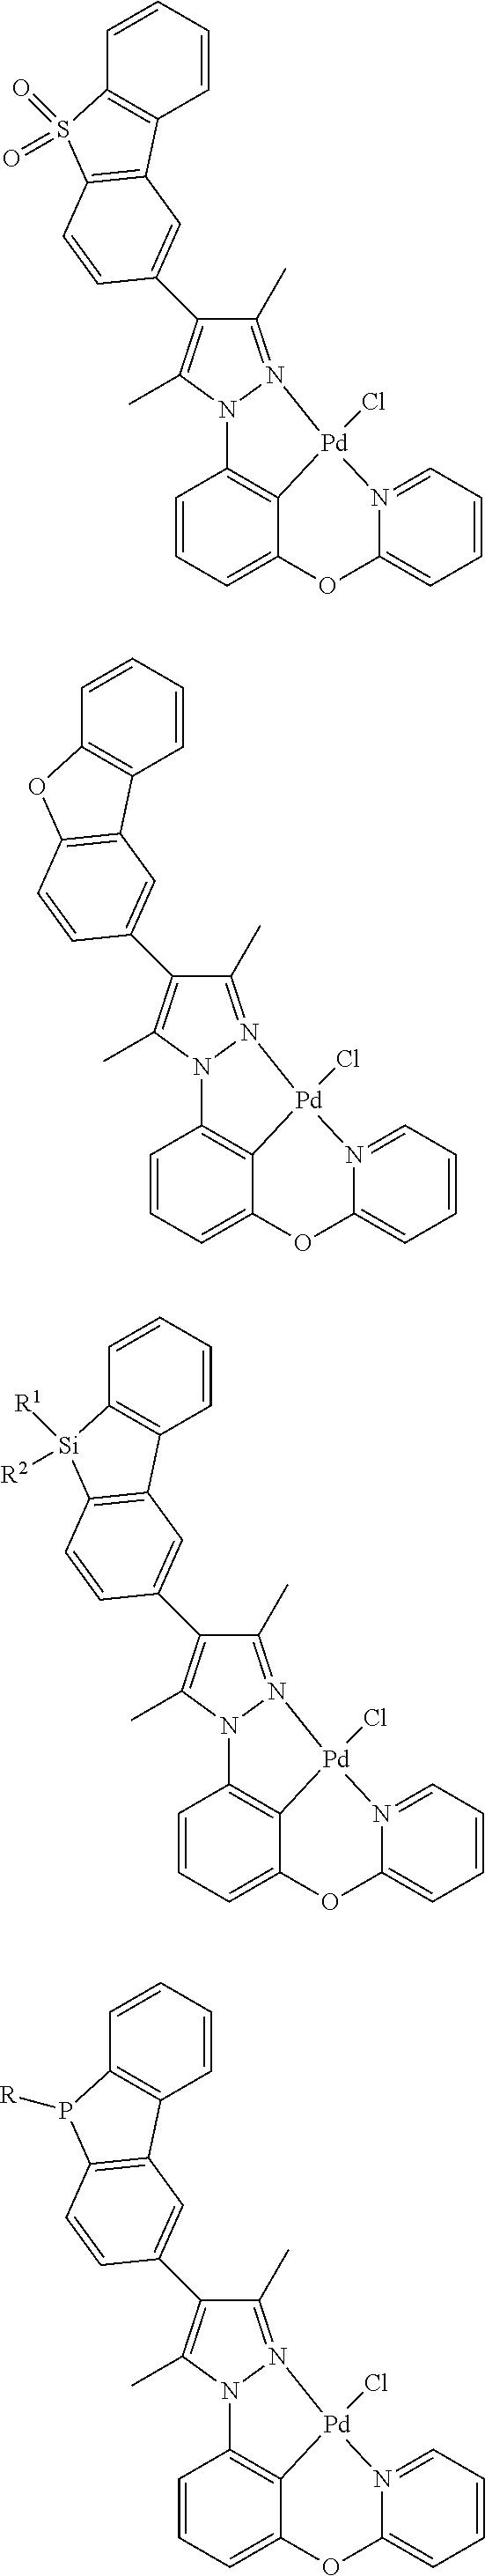 Figure US09818959-20171114-C00179